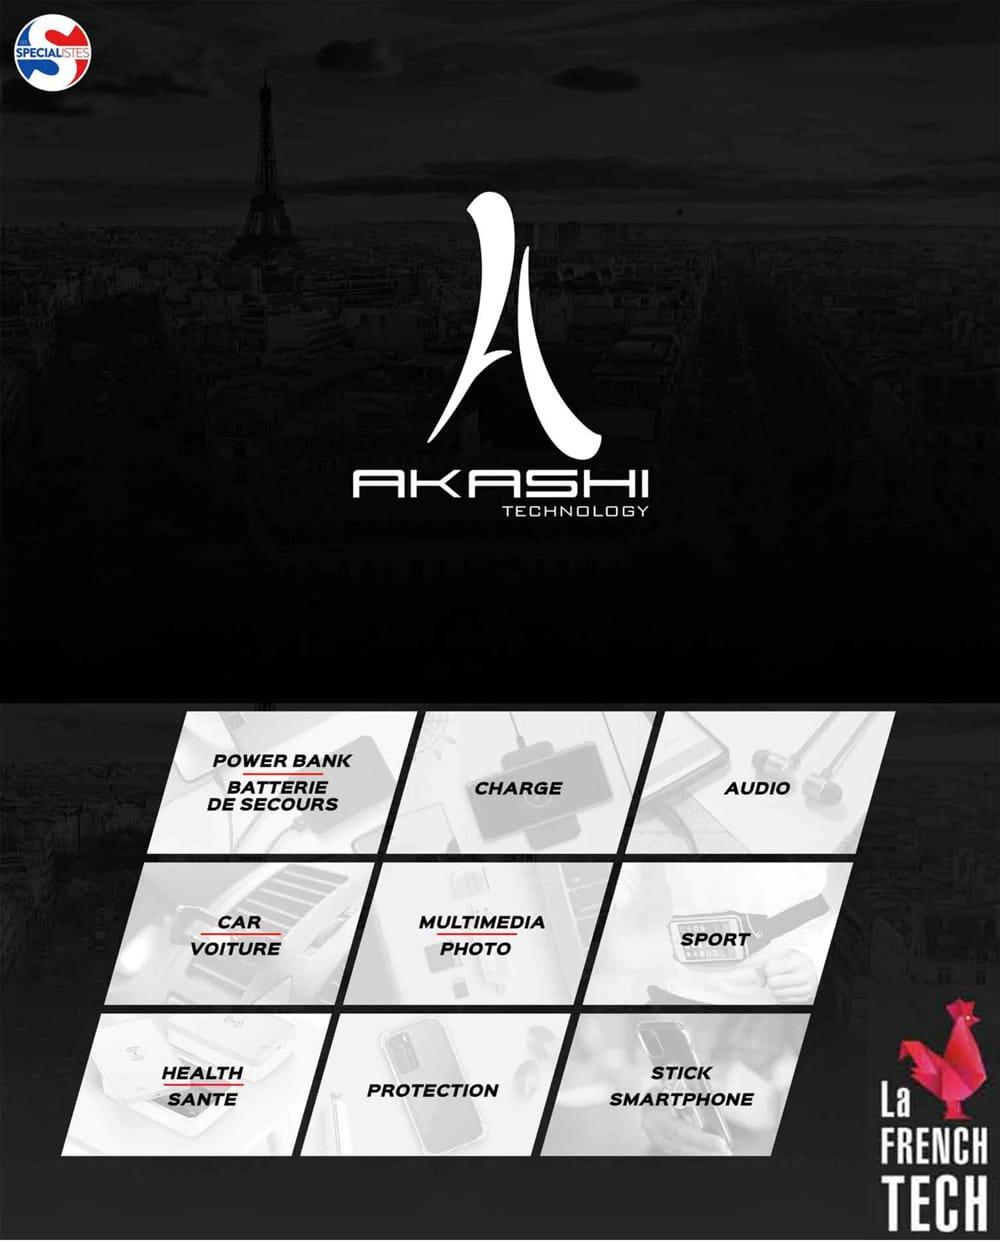 technologie-akashi-archeon-objet-technologique